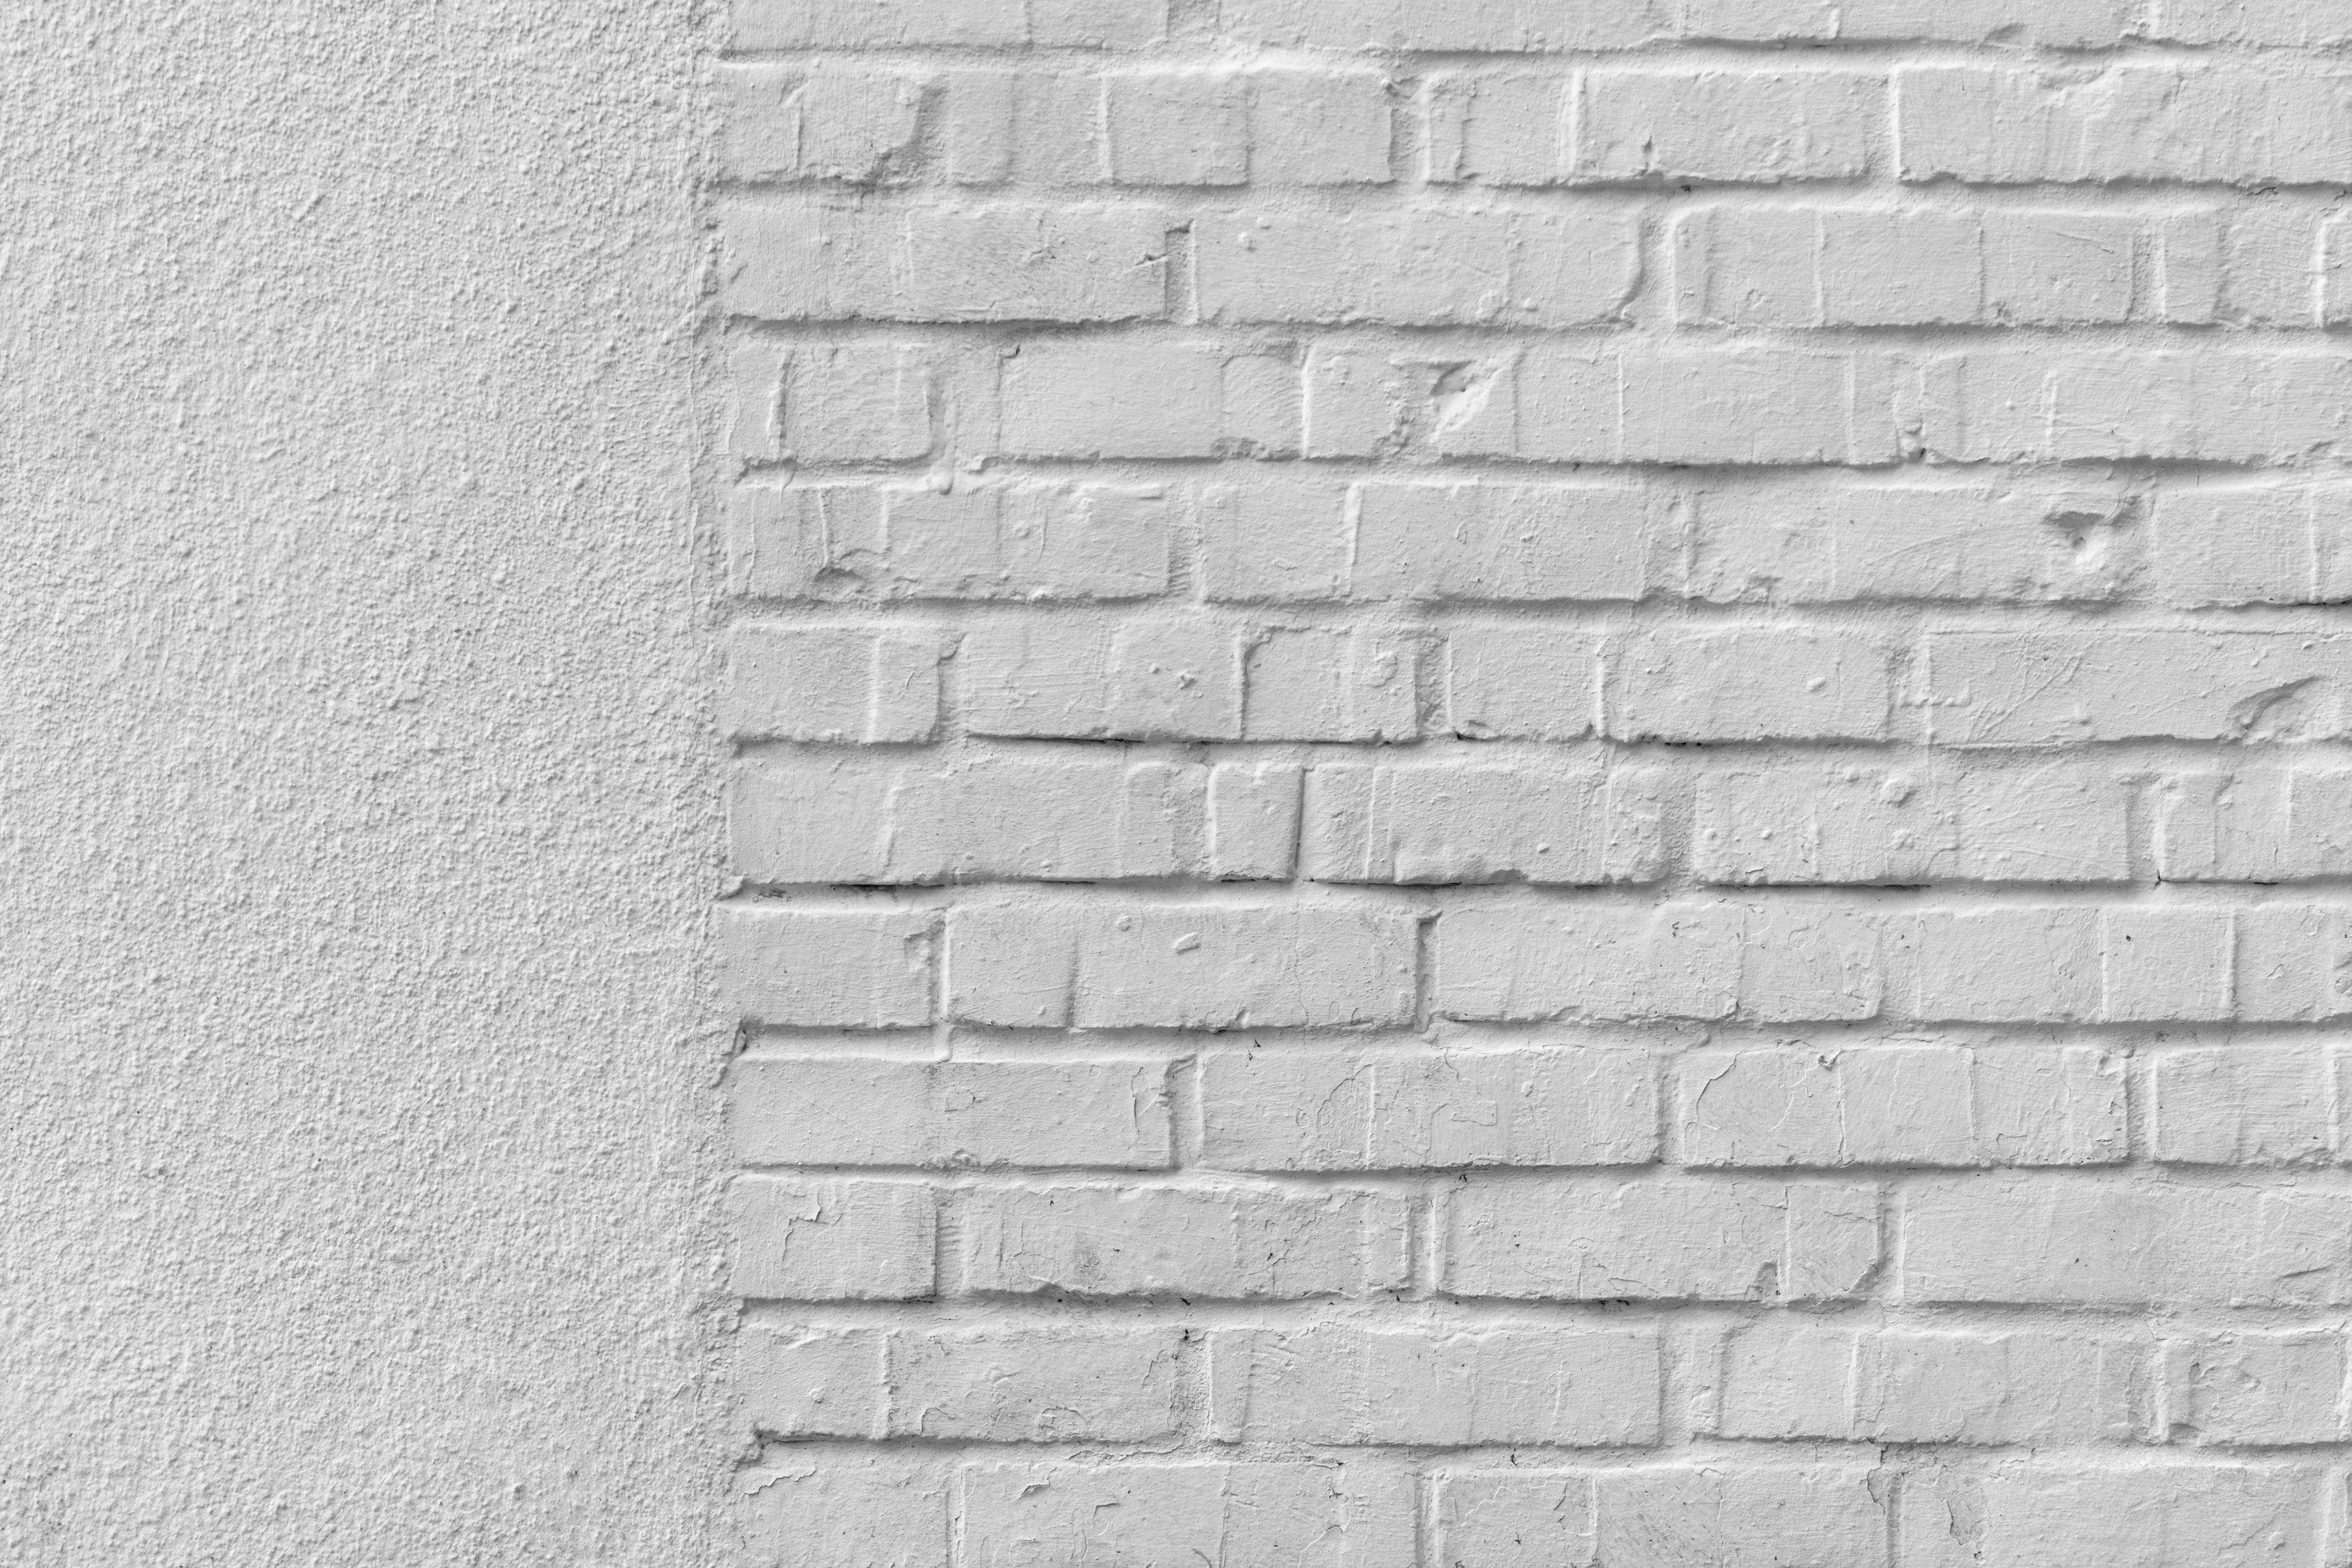 White Brick Wall Brick Wall Picture Wall White Brick